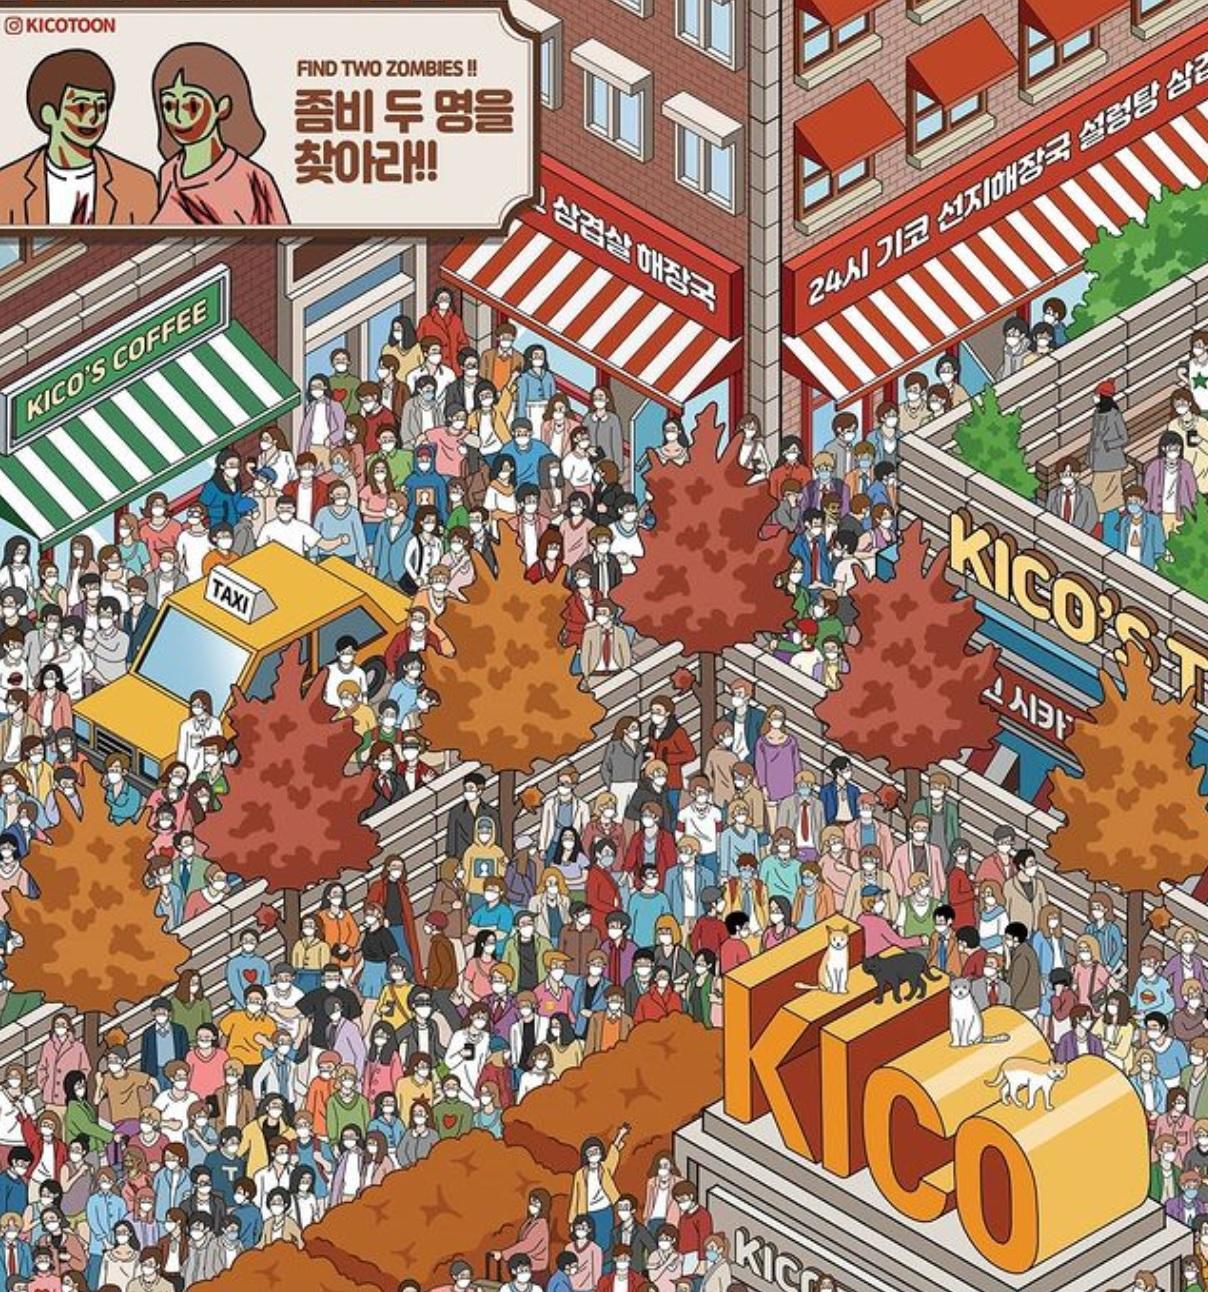 ¿Puedes encontrar a los dos zombies en medio del caos en este reto visual?